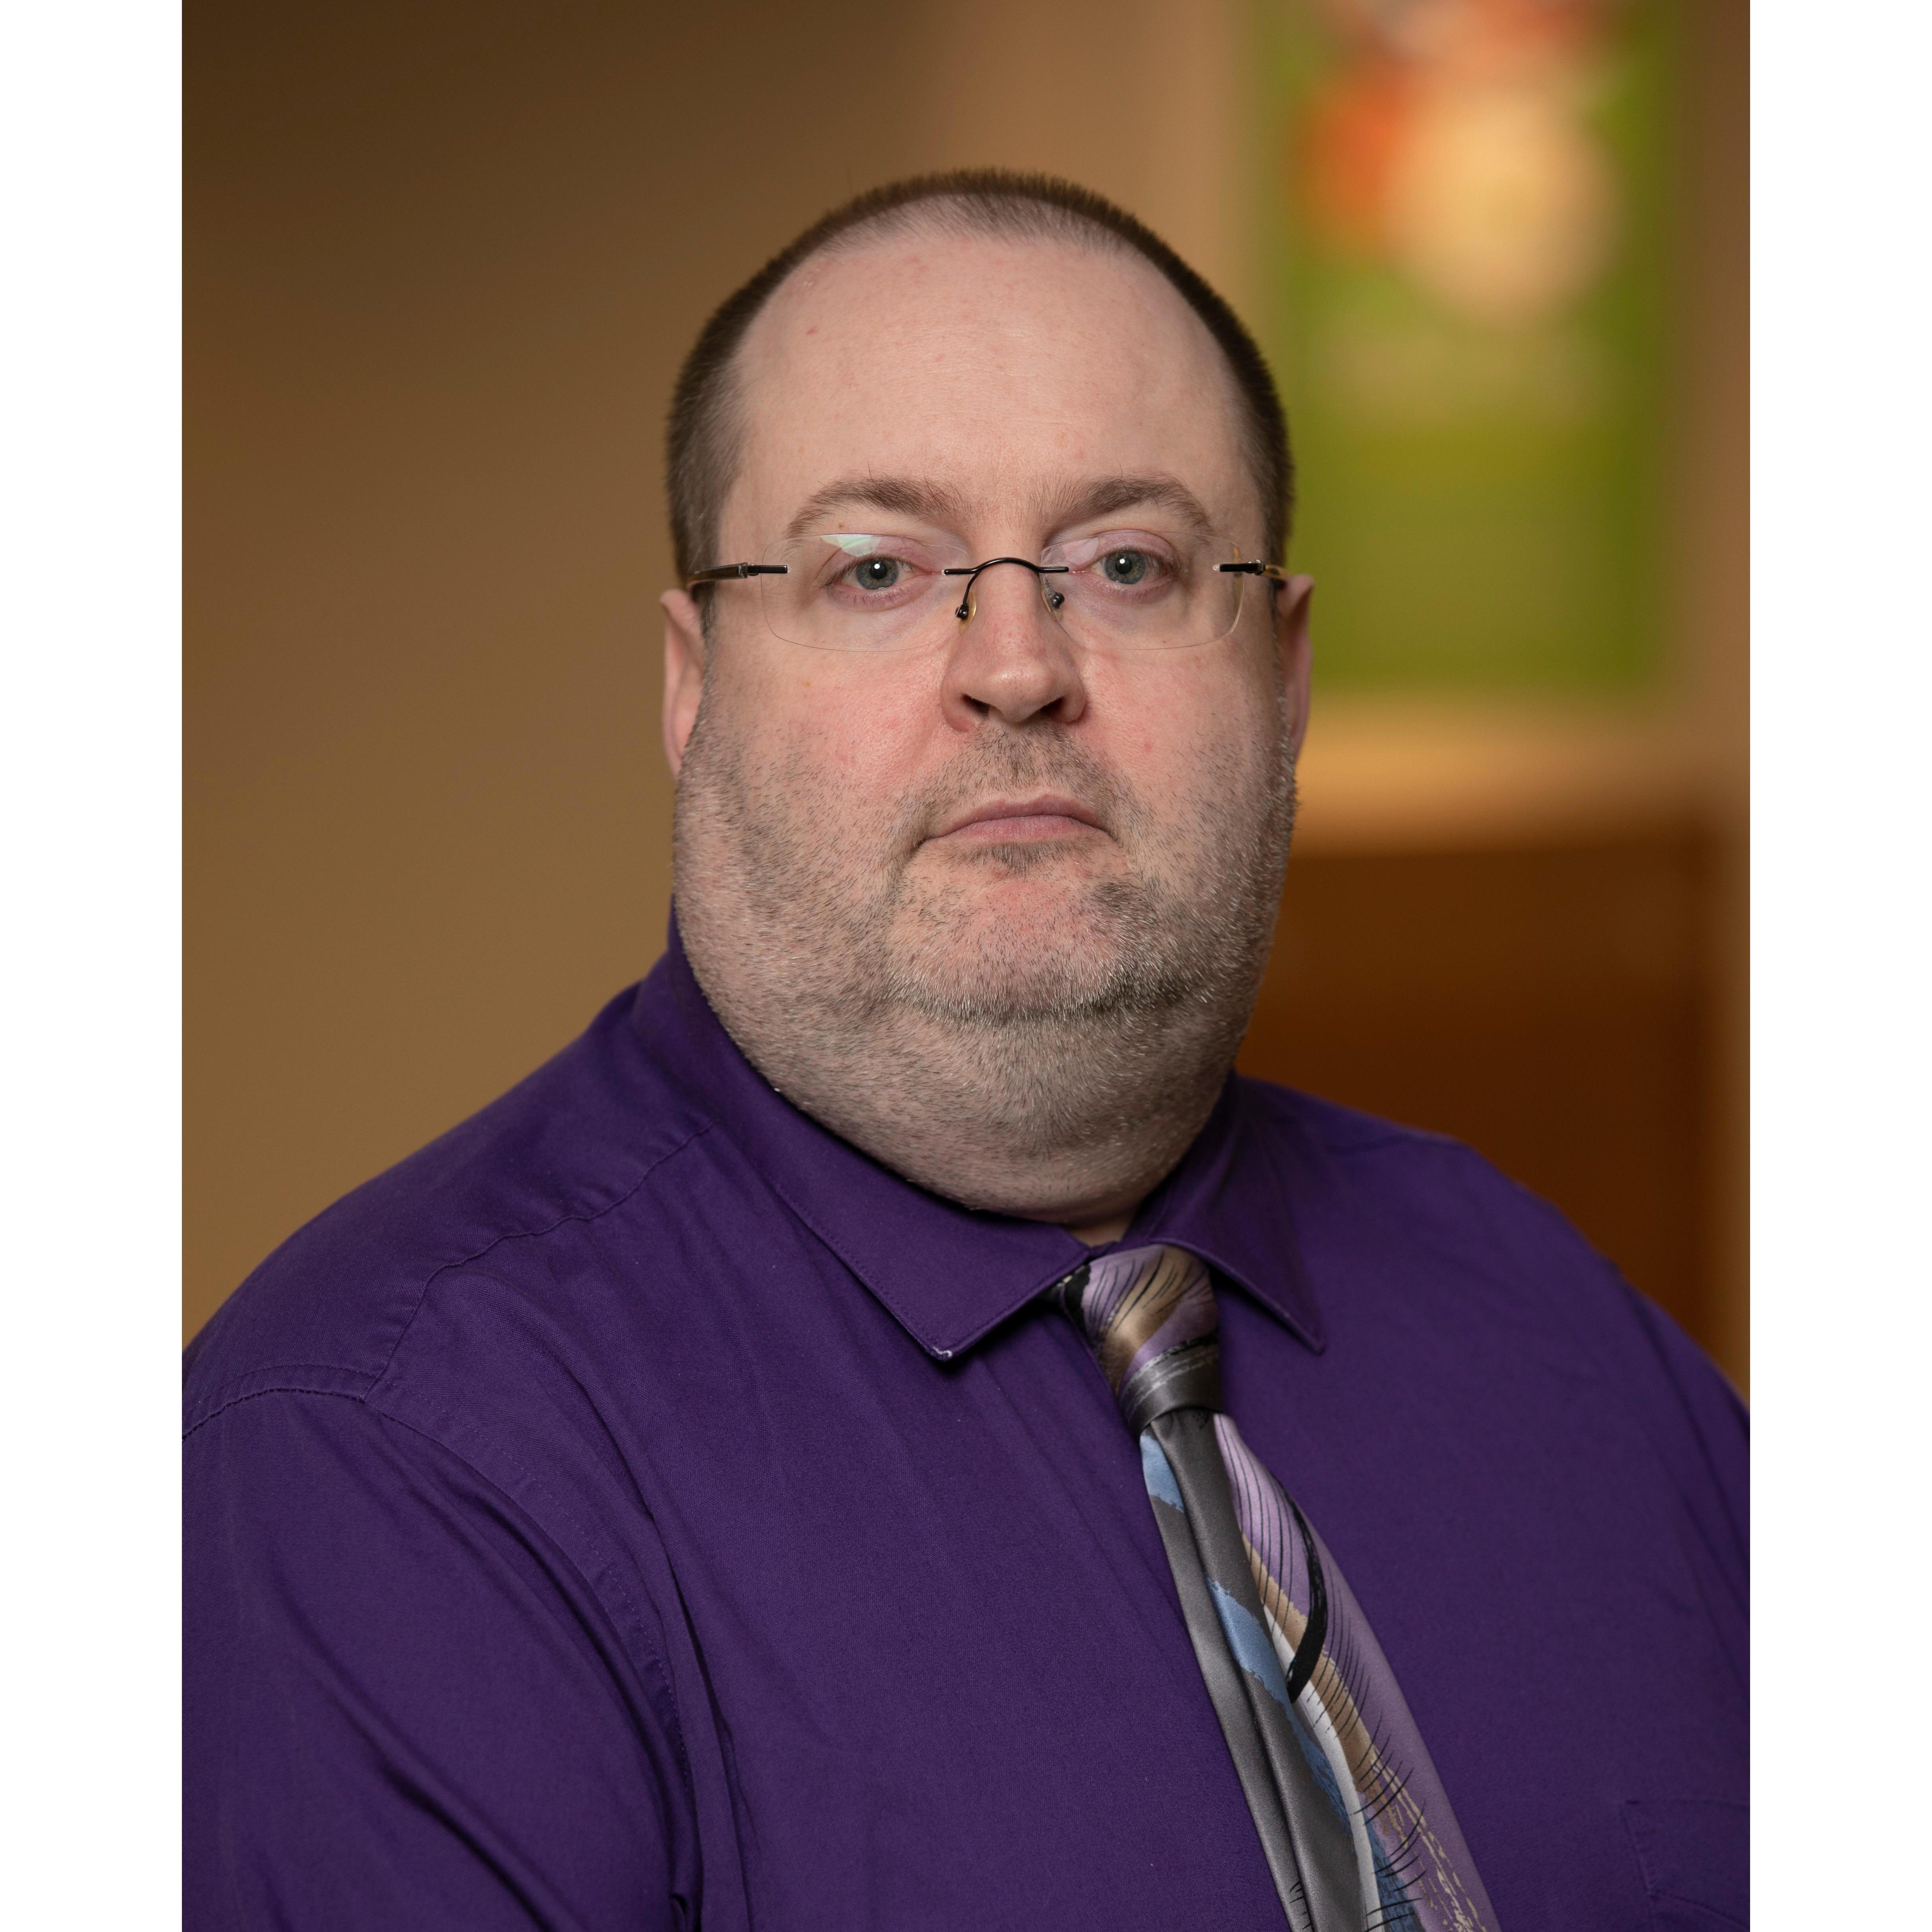 Kevin Cumper, MD